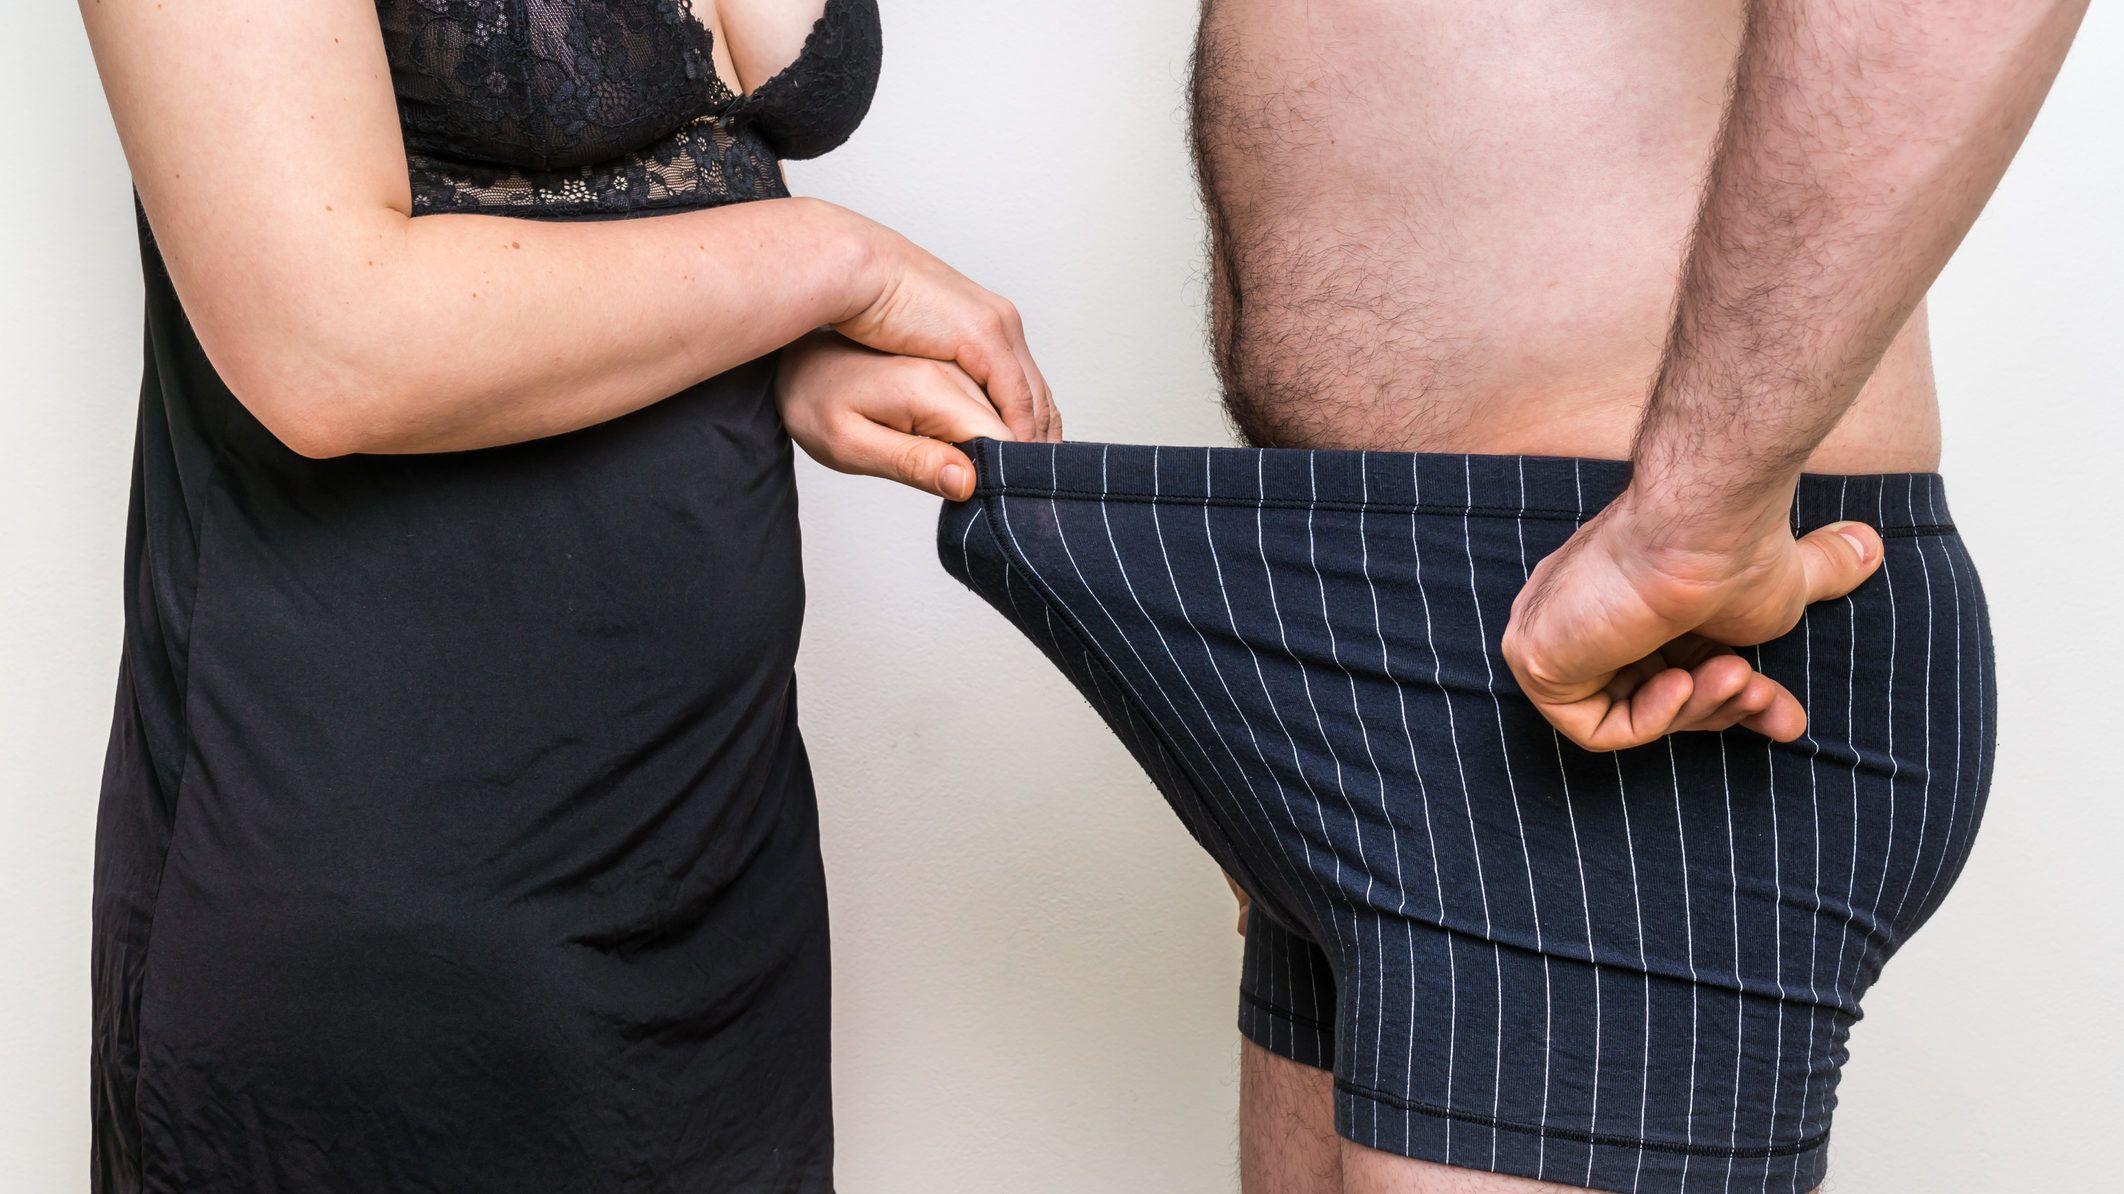 hogyan törik meg a péniszek a férfiaknál a hím pénisz nem nagy